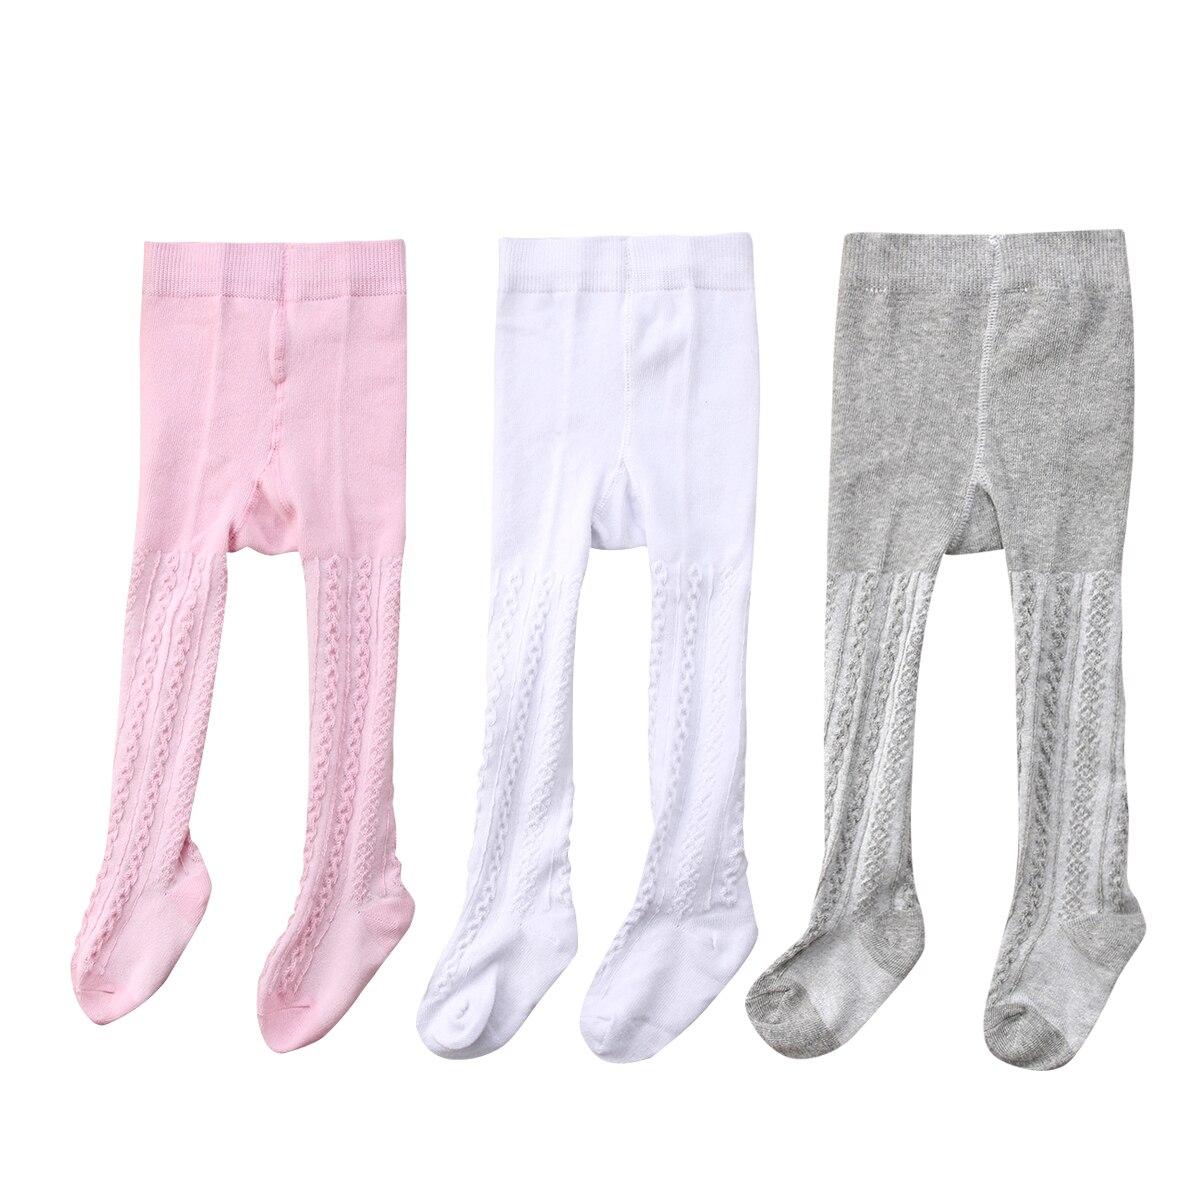 3 Paar/satz Baby Socken Baumwolle Weiche Feste Strumpfhose Socken Strümpfe Kleinkind Infant Baby Mädchen Strumpfhosen Neugeborenen Socken Attraktive Mode